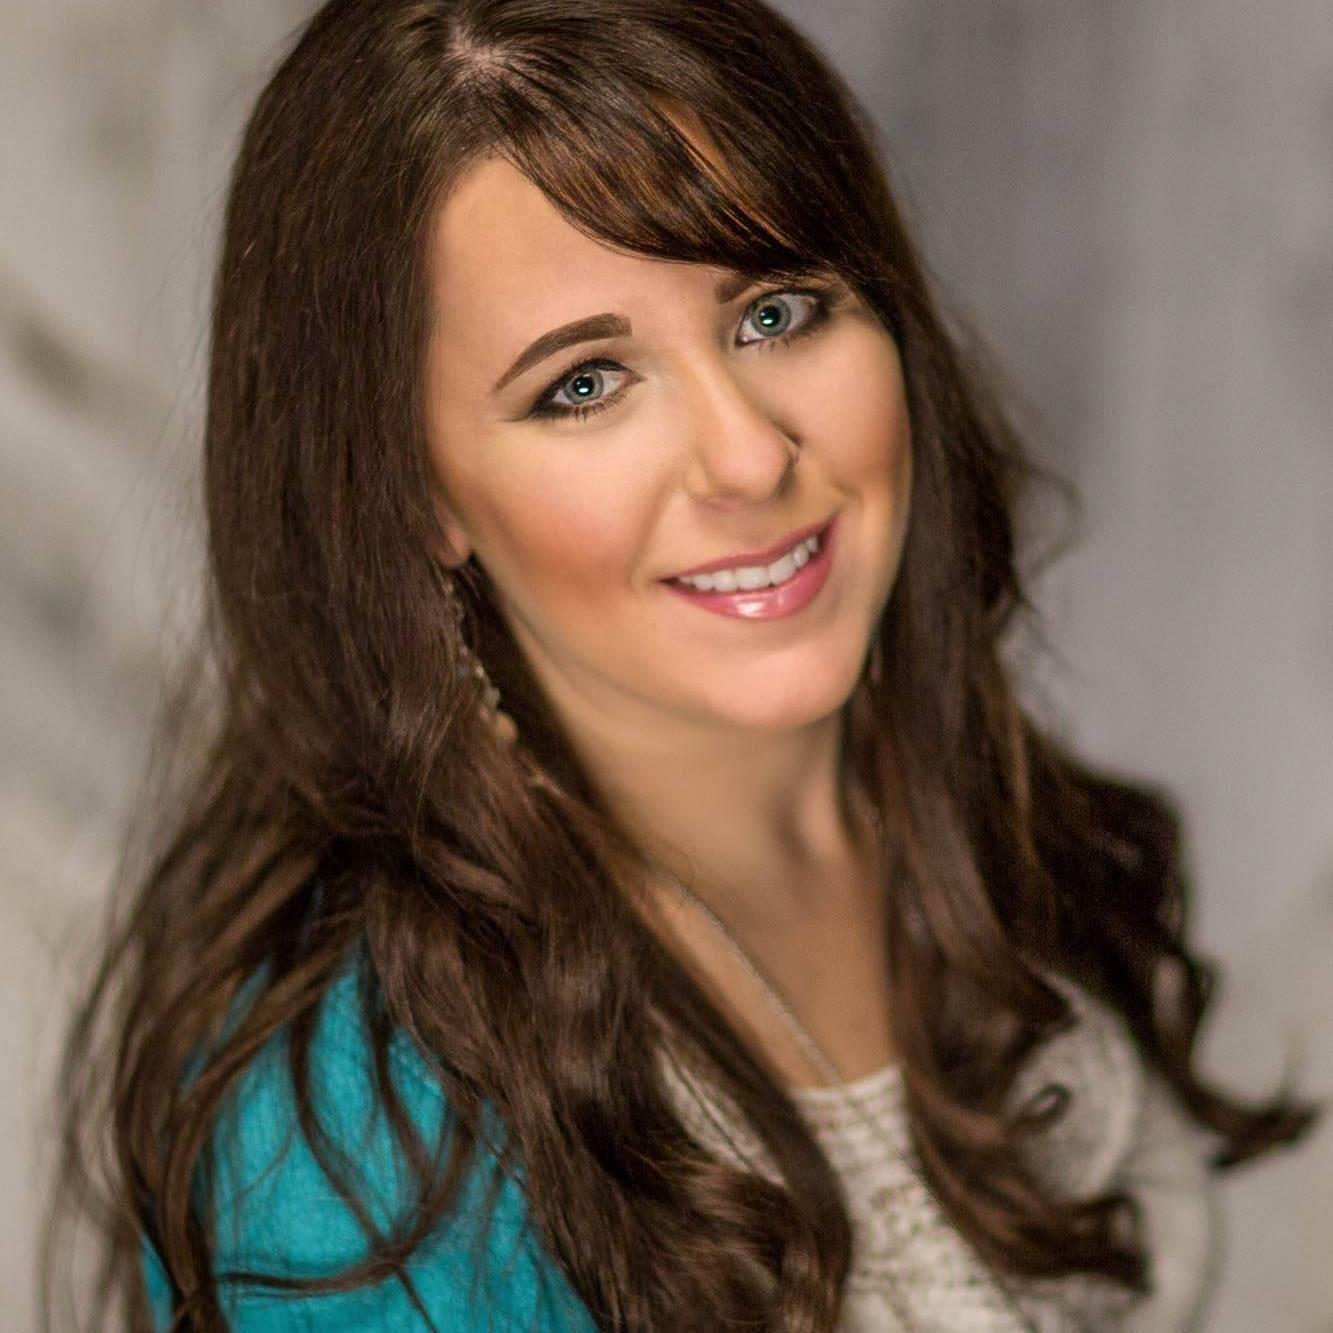 Michelle - Editor